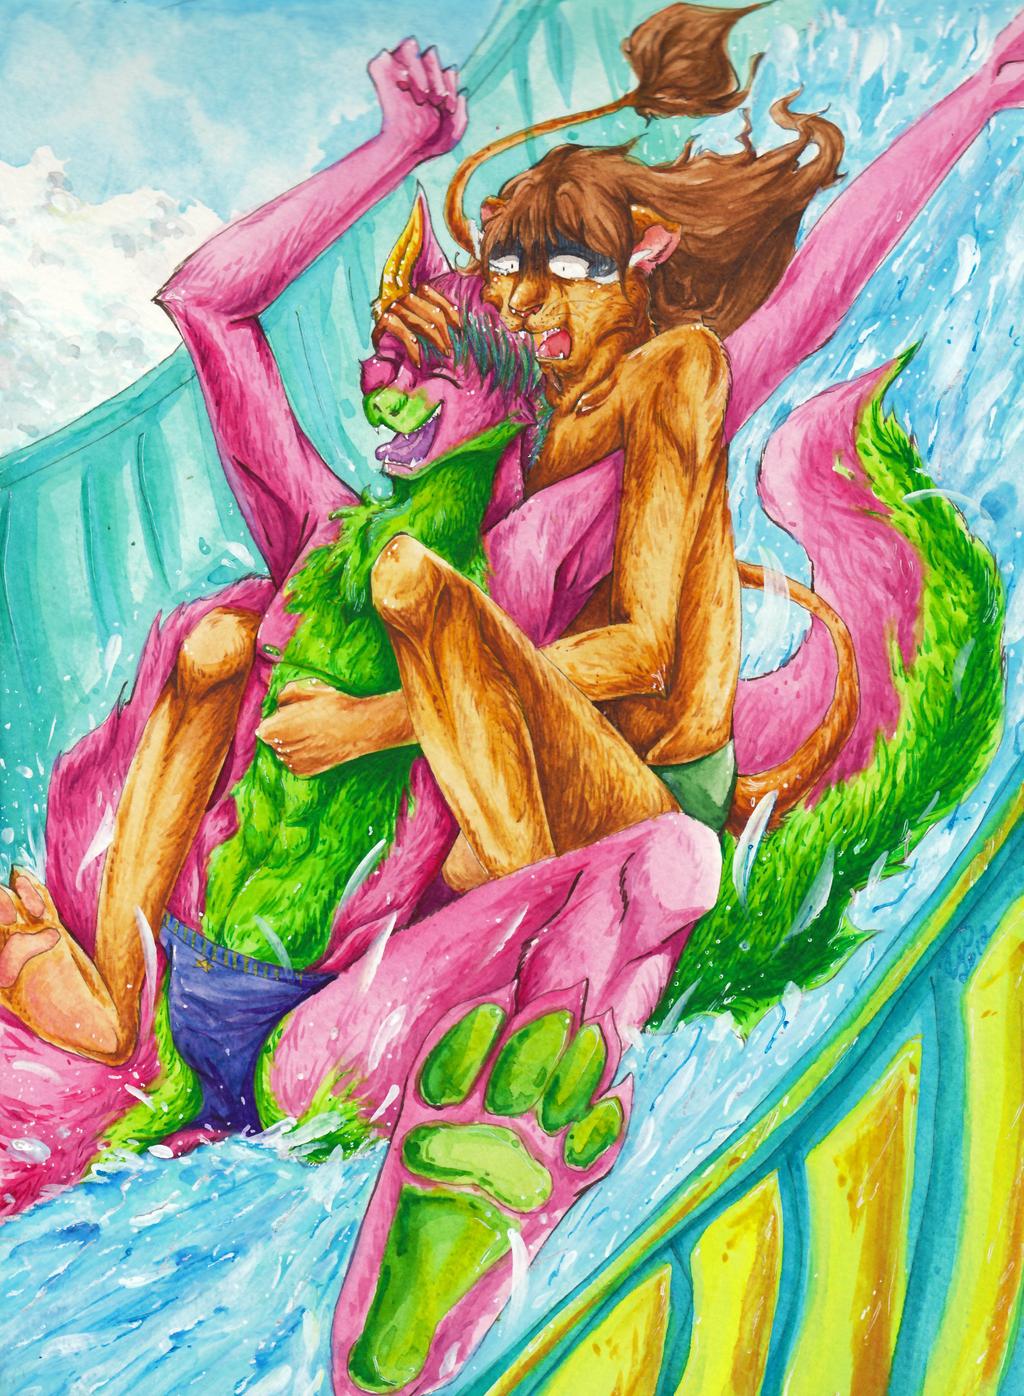 YEAAAH by artist-Kat